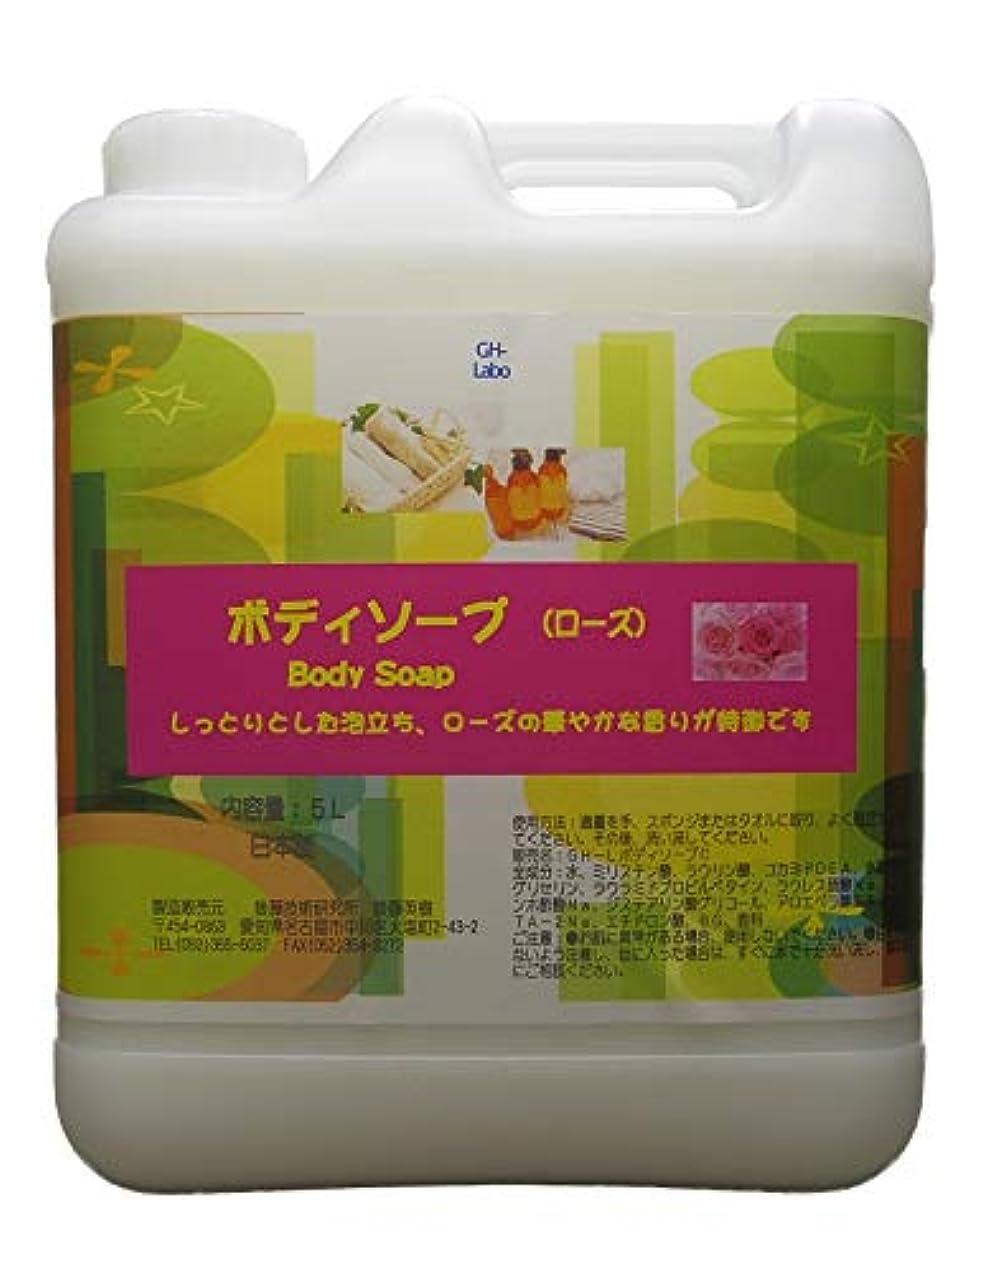 世界の窓承認する母音GH-Labo 業務用ボディソープ ローズの香り 5L